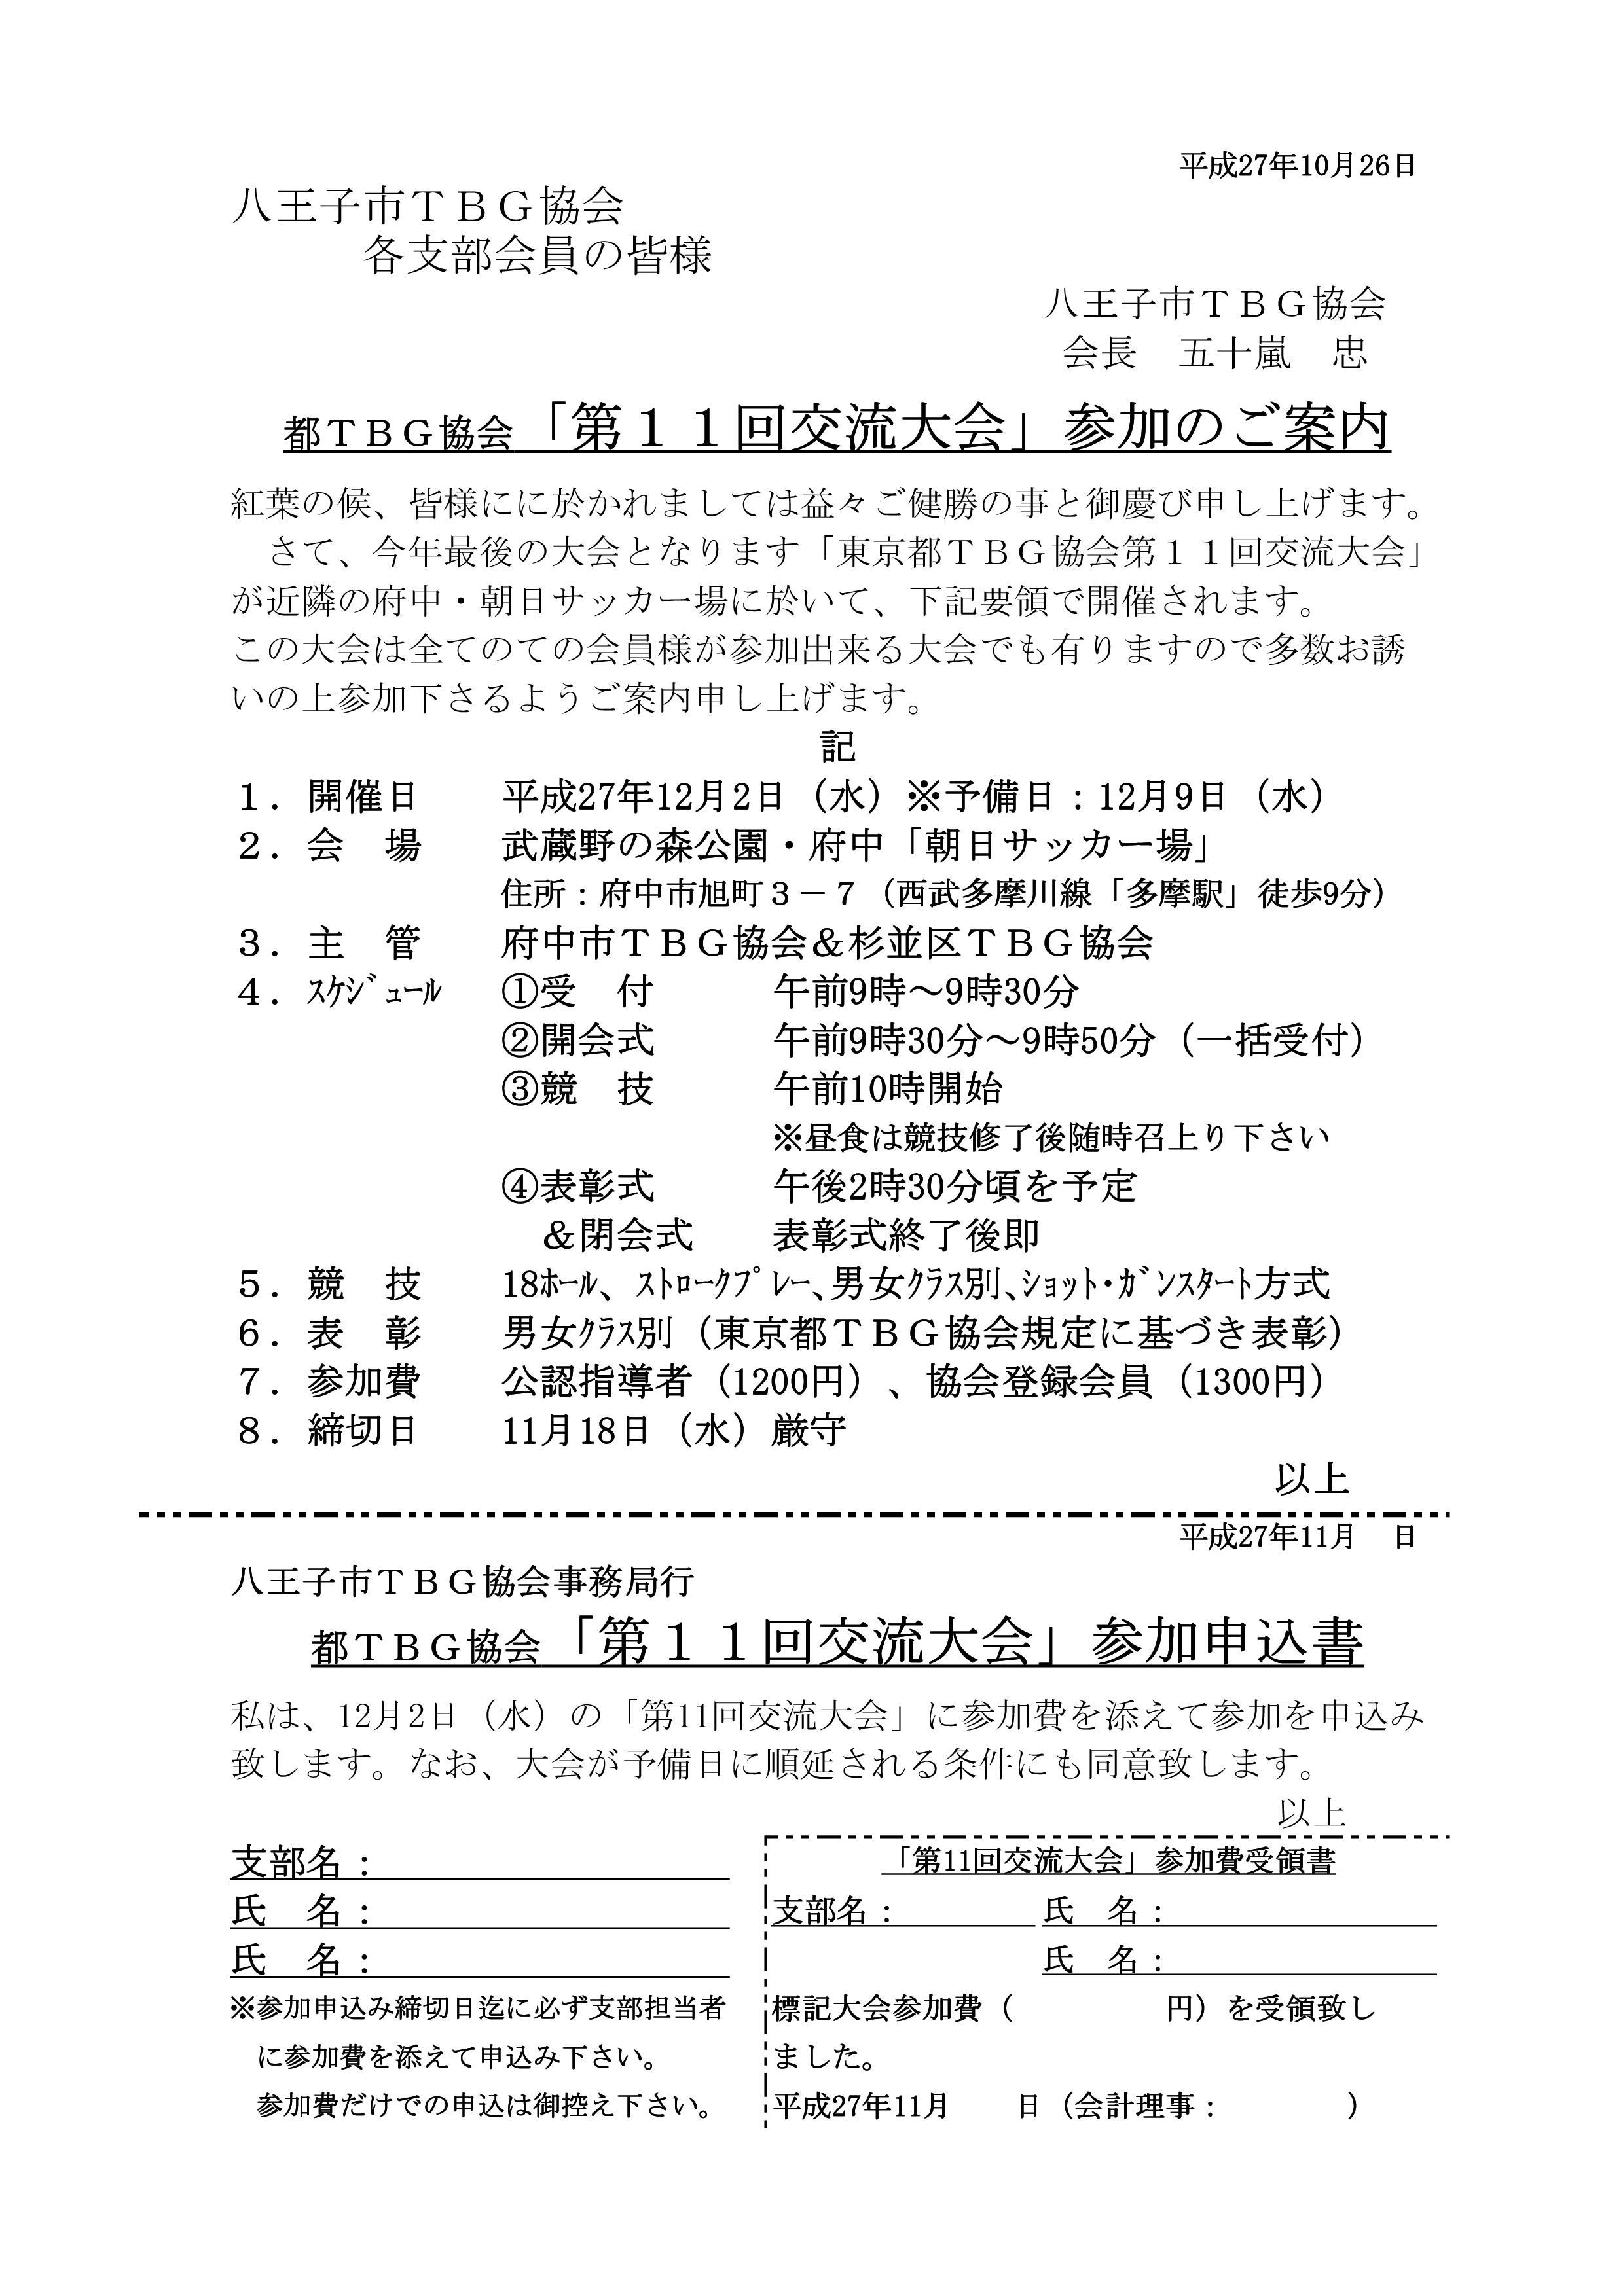 東京都TBG協会「第11回交流大会」の参加者募集案内